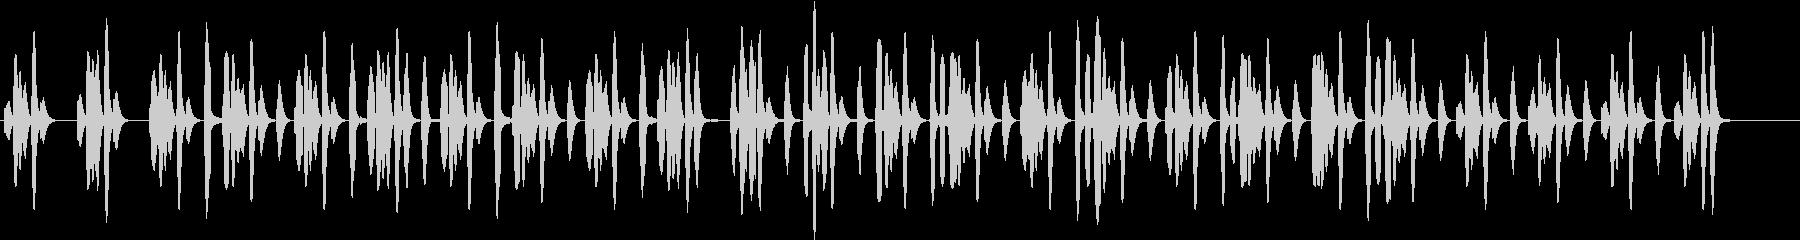 コミカルな場面で使えそうなリコーダーの曲の未再生の波形